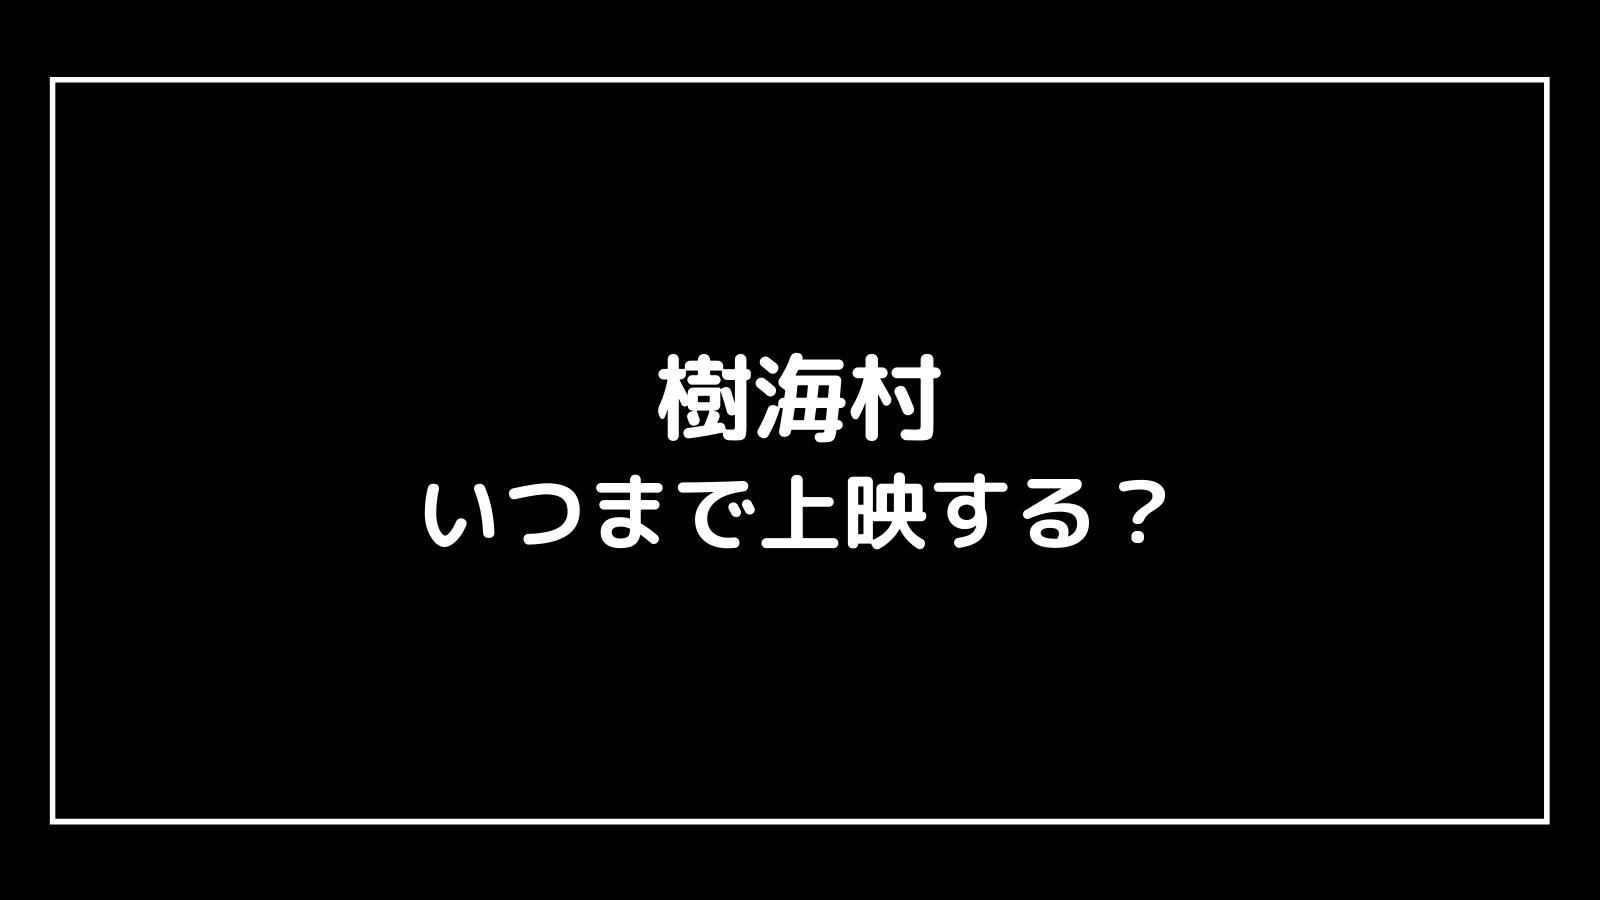 映画『樹海村』はいつまで上映する?元映画館社員が上映期間を予想